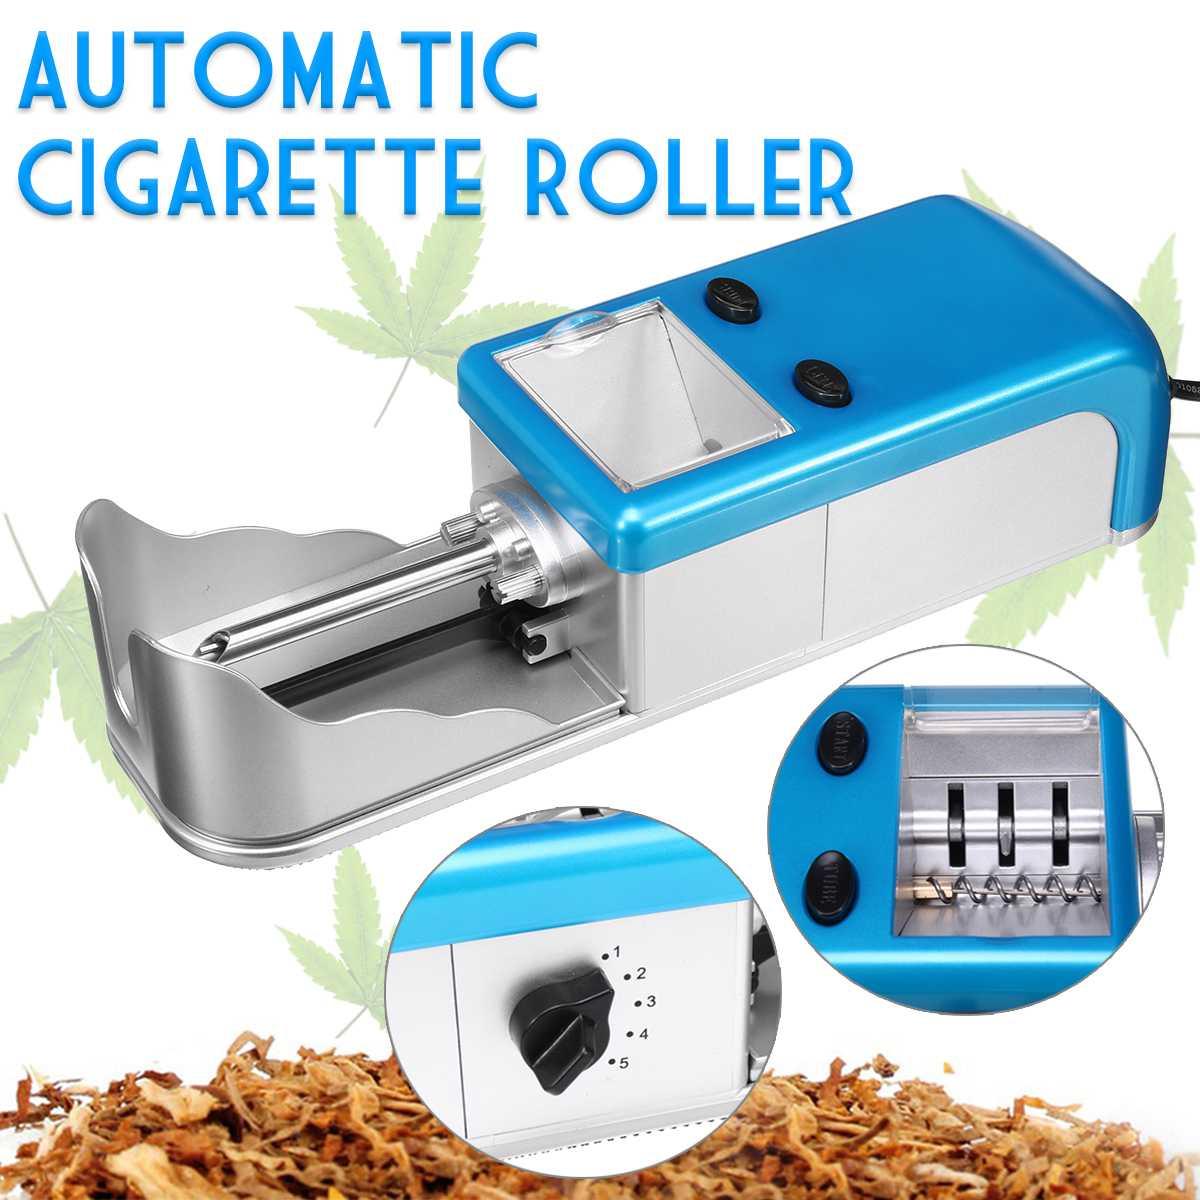 Голубая электрическая автоматическая машина для скручивания сигарет, с функцией регулирования плотности, для курения табака, ролик